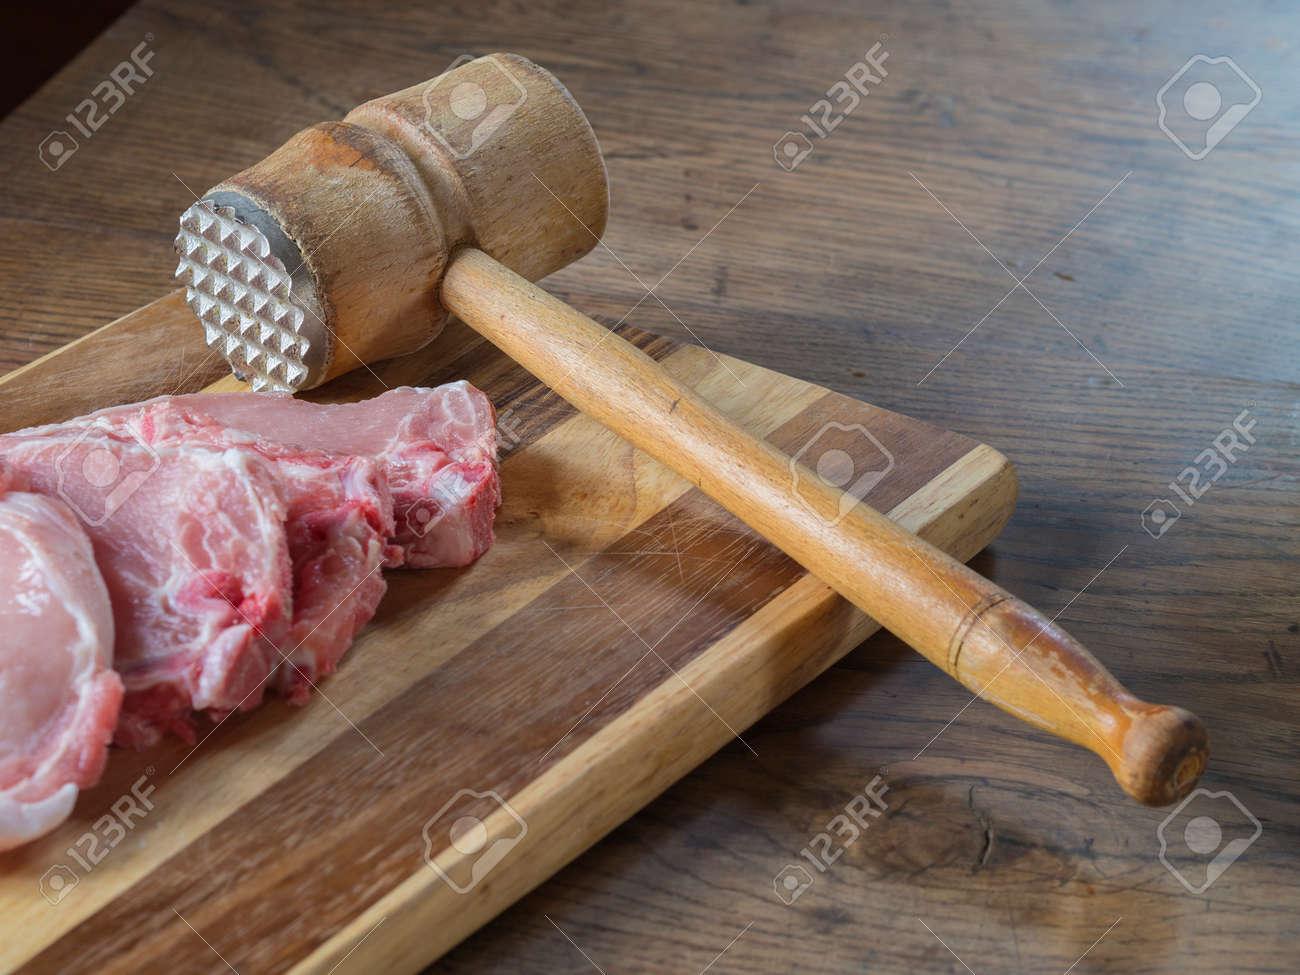 fresh raw pork chops